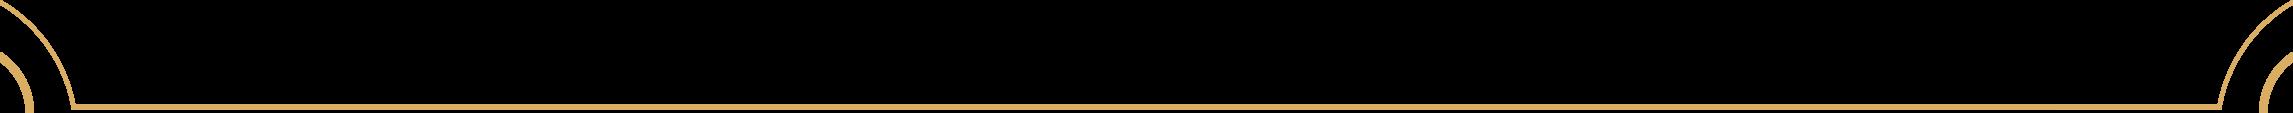 """展讯   """"百年西泠·金石传薪""""庚子秋季雅集系列展览—西泠印社古稀以上社员作品捐赠展即将开幕 西泠 金石 庚子 系列 西泠印社 古稀 以上 社员 作品 展讯 崇真艺客"""